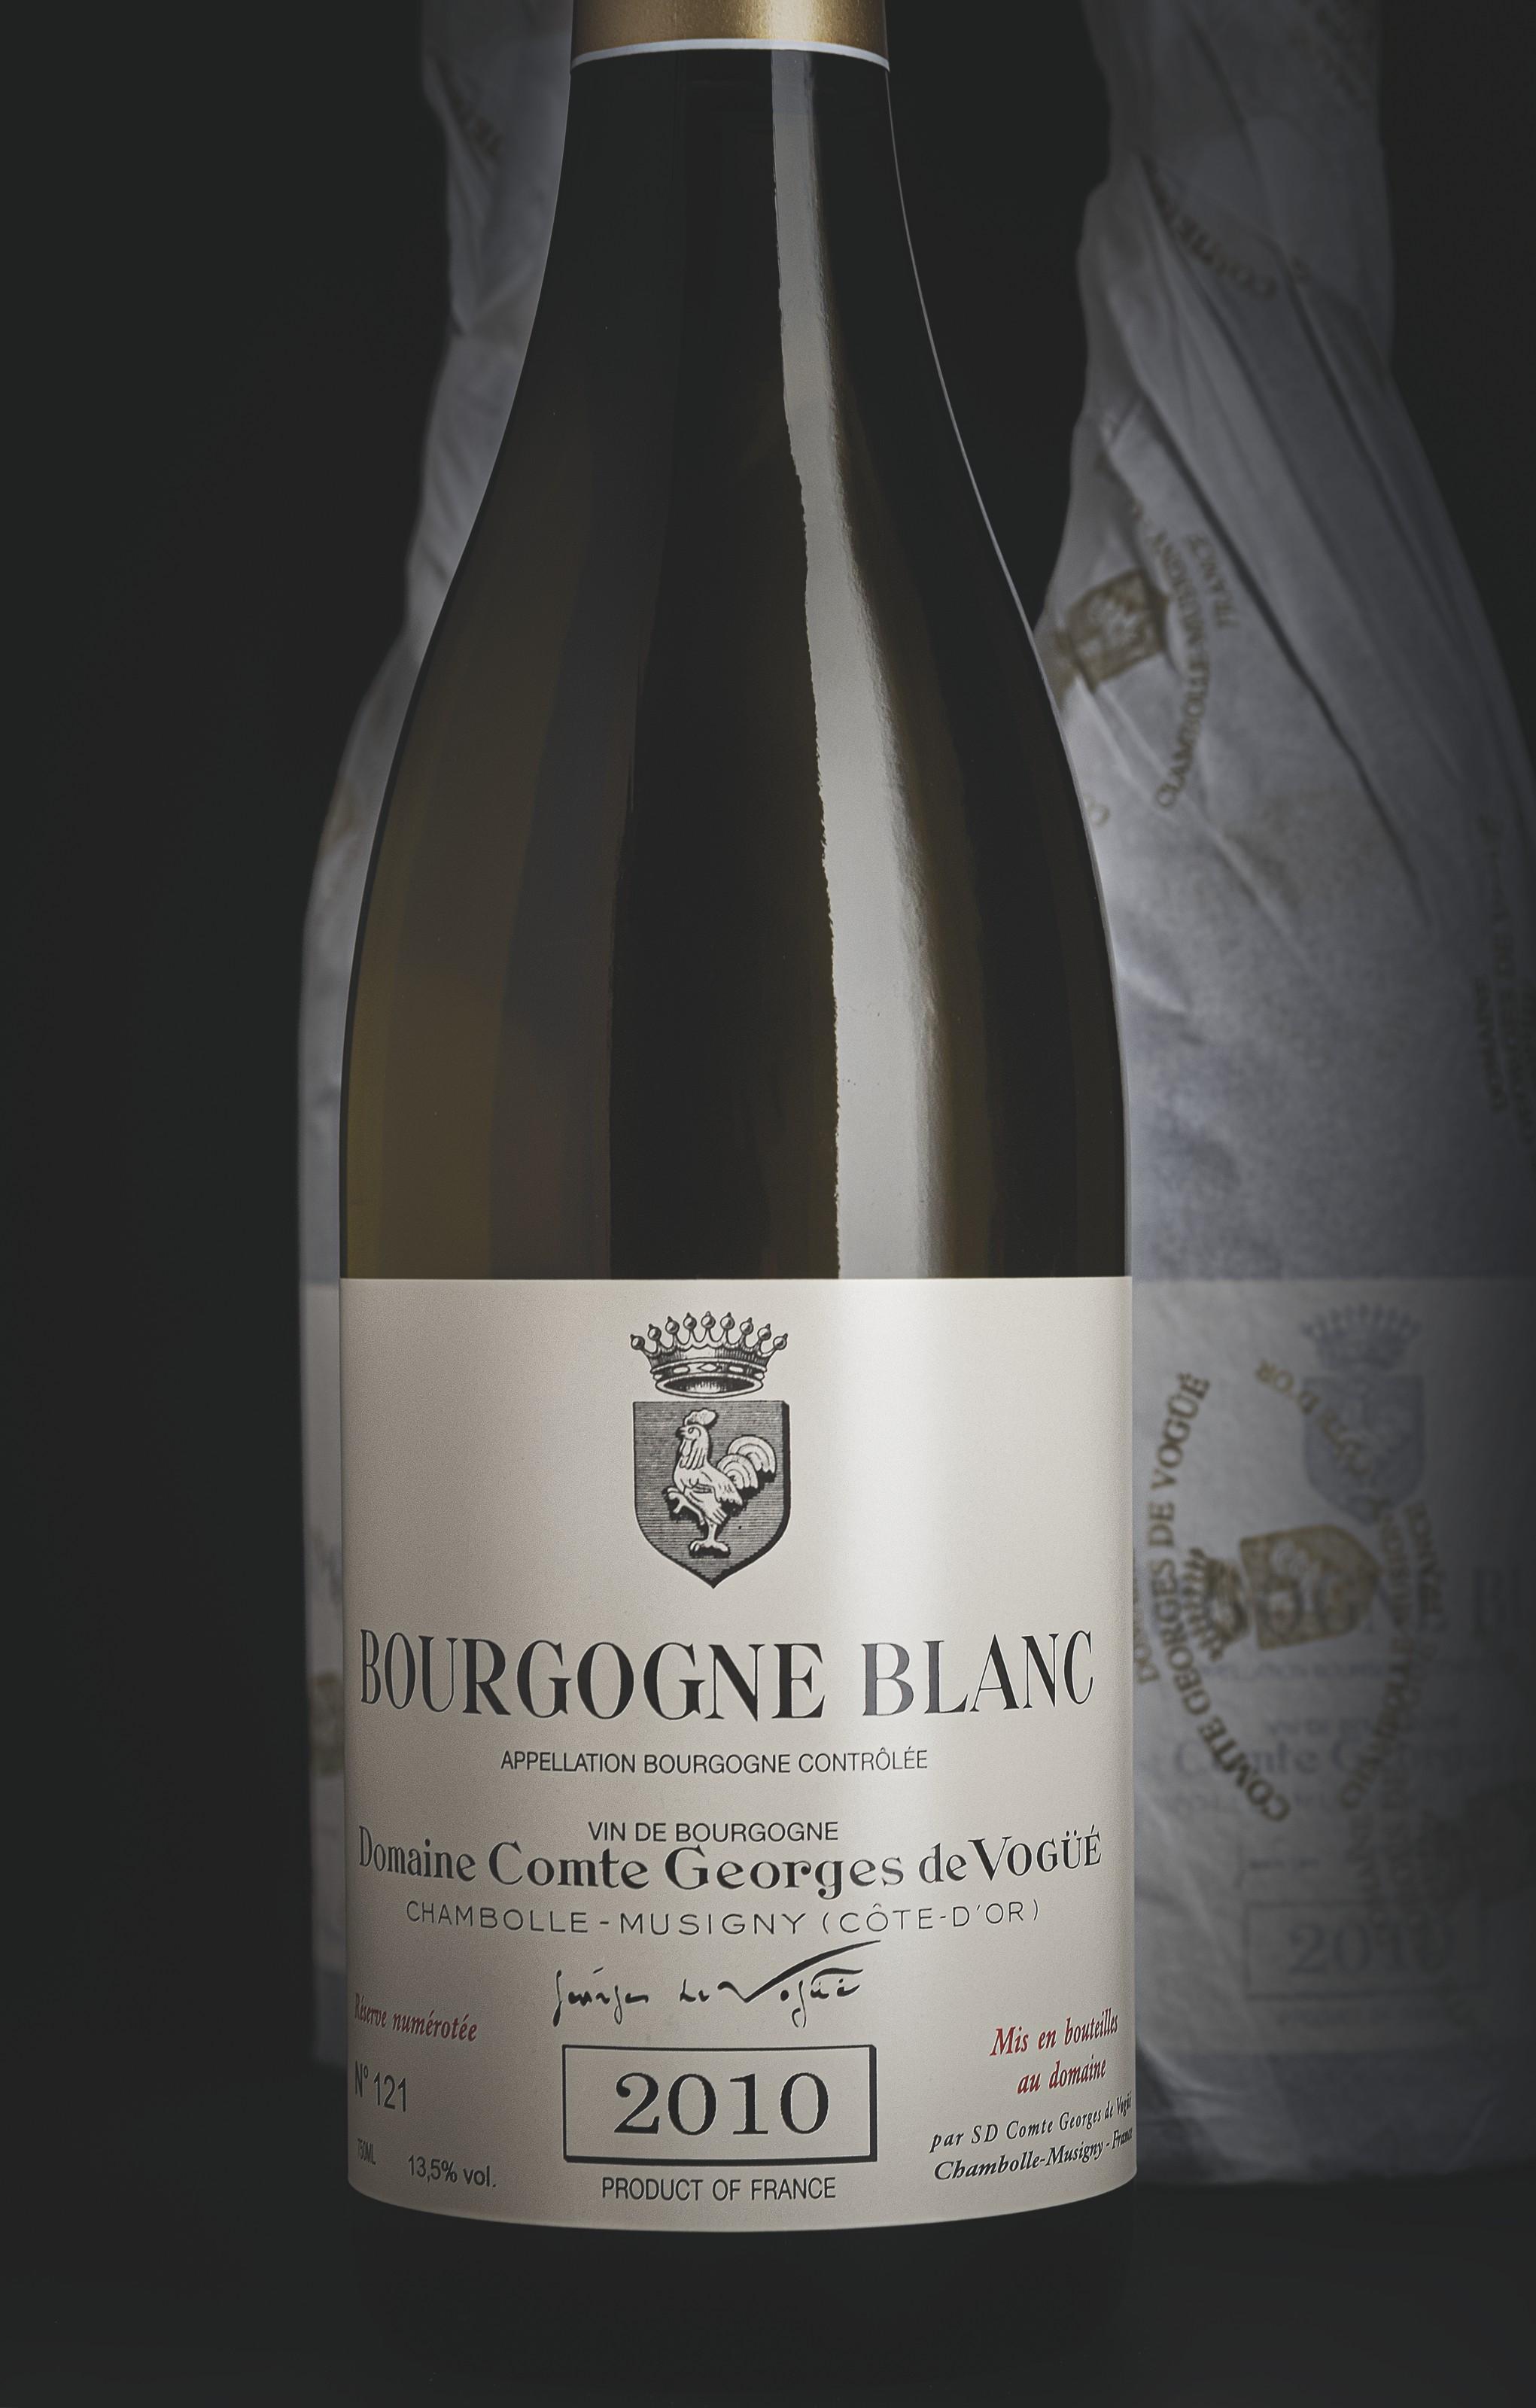 Domaine Comte Georges de Vogüe, Bourgogne Blanc 2010